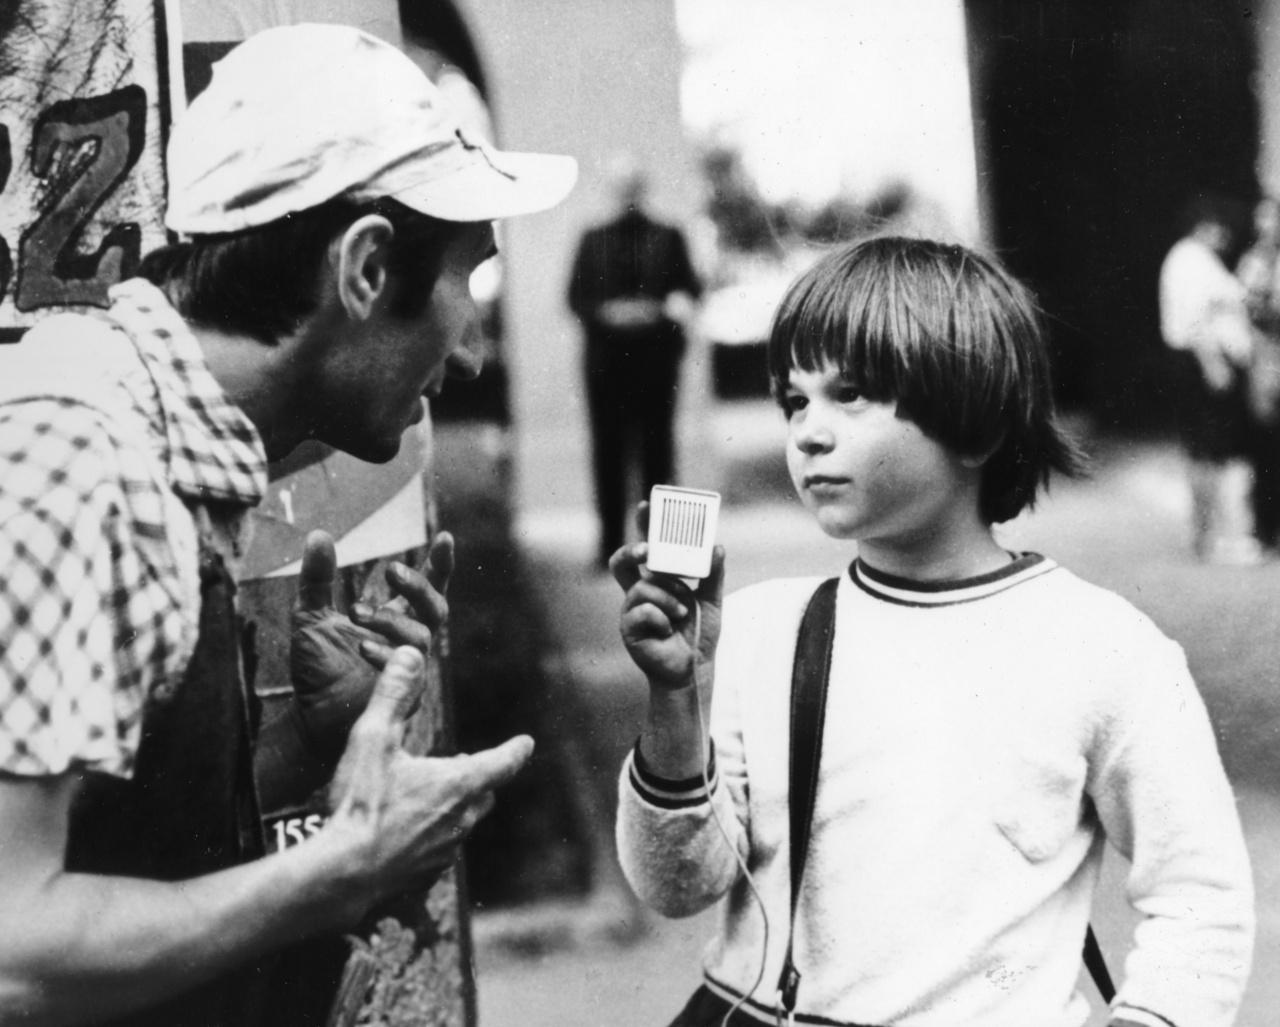 Kovács Krisztián valódi gyereksztár volt, aki 1969 és 1982 között összesen 17 filmben szerepelt. A Hahó, Öcsi! forgatása idején mindössze ötéves volt, a Keménykalap és krumpliorr három évvel később, 1973-ban forgott. Később az ismertséget megelégelve szakított a filmezéssel, majd informatikus lett. Angliában és Amerikában is élt, 2012-ben pedig motoros túrát tett a nyugati és a keleti part között. Évtizedek óta tudatosan kerüli a nyilvános szerepléseket, ezért jelenlegi életéről keveset tudni.